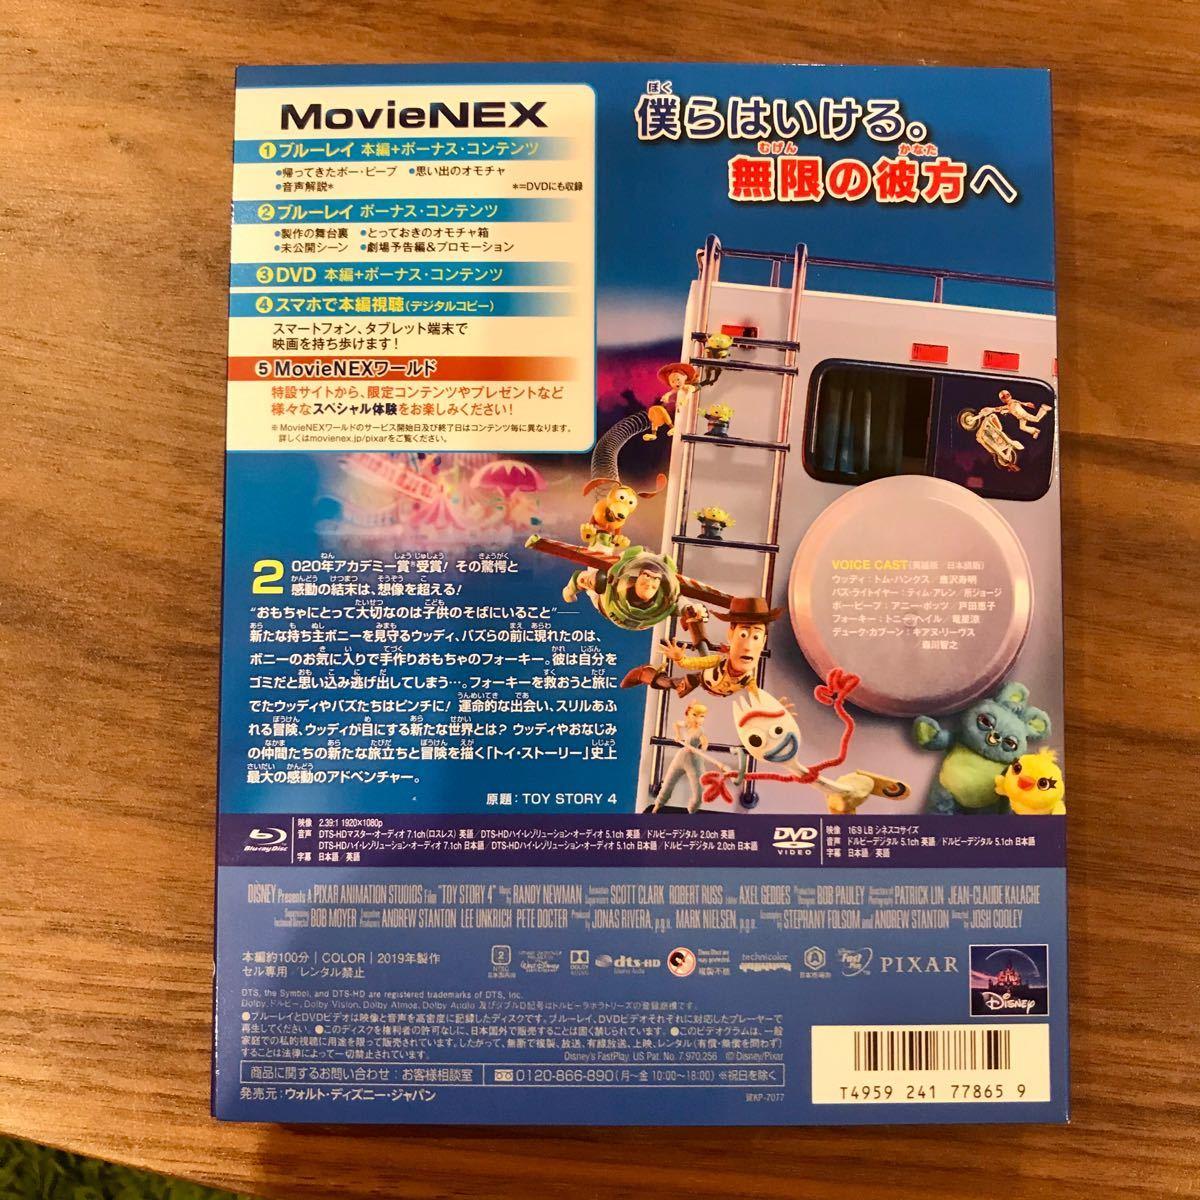 トイストーリー4 ブルーレイ 純正ケース&限定アウターケース付き 日本正規版 新品未再生 MovieNEX